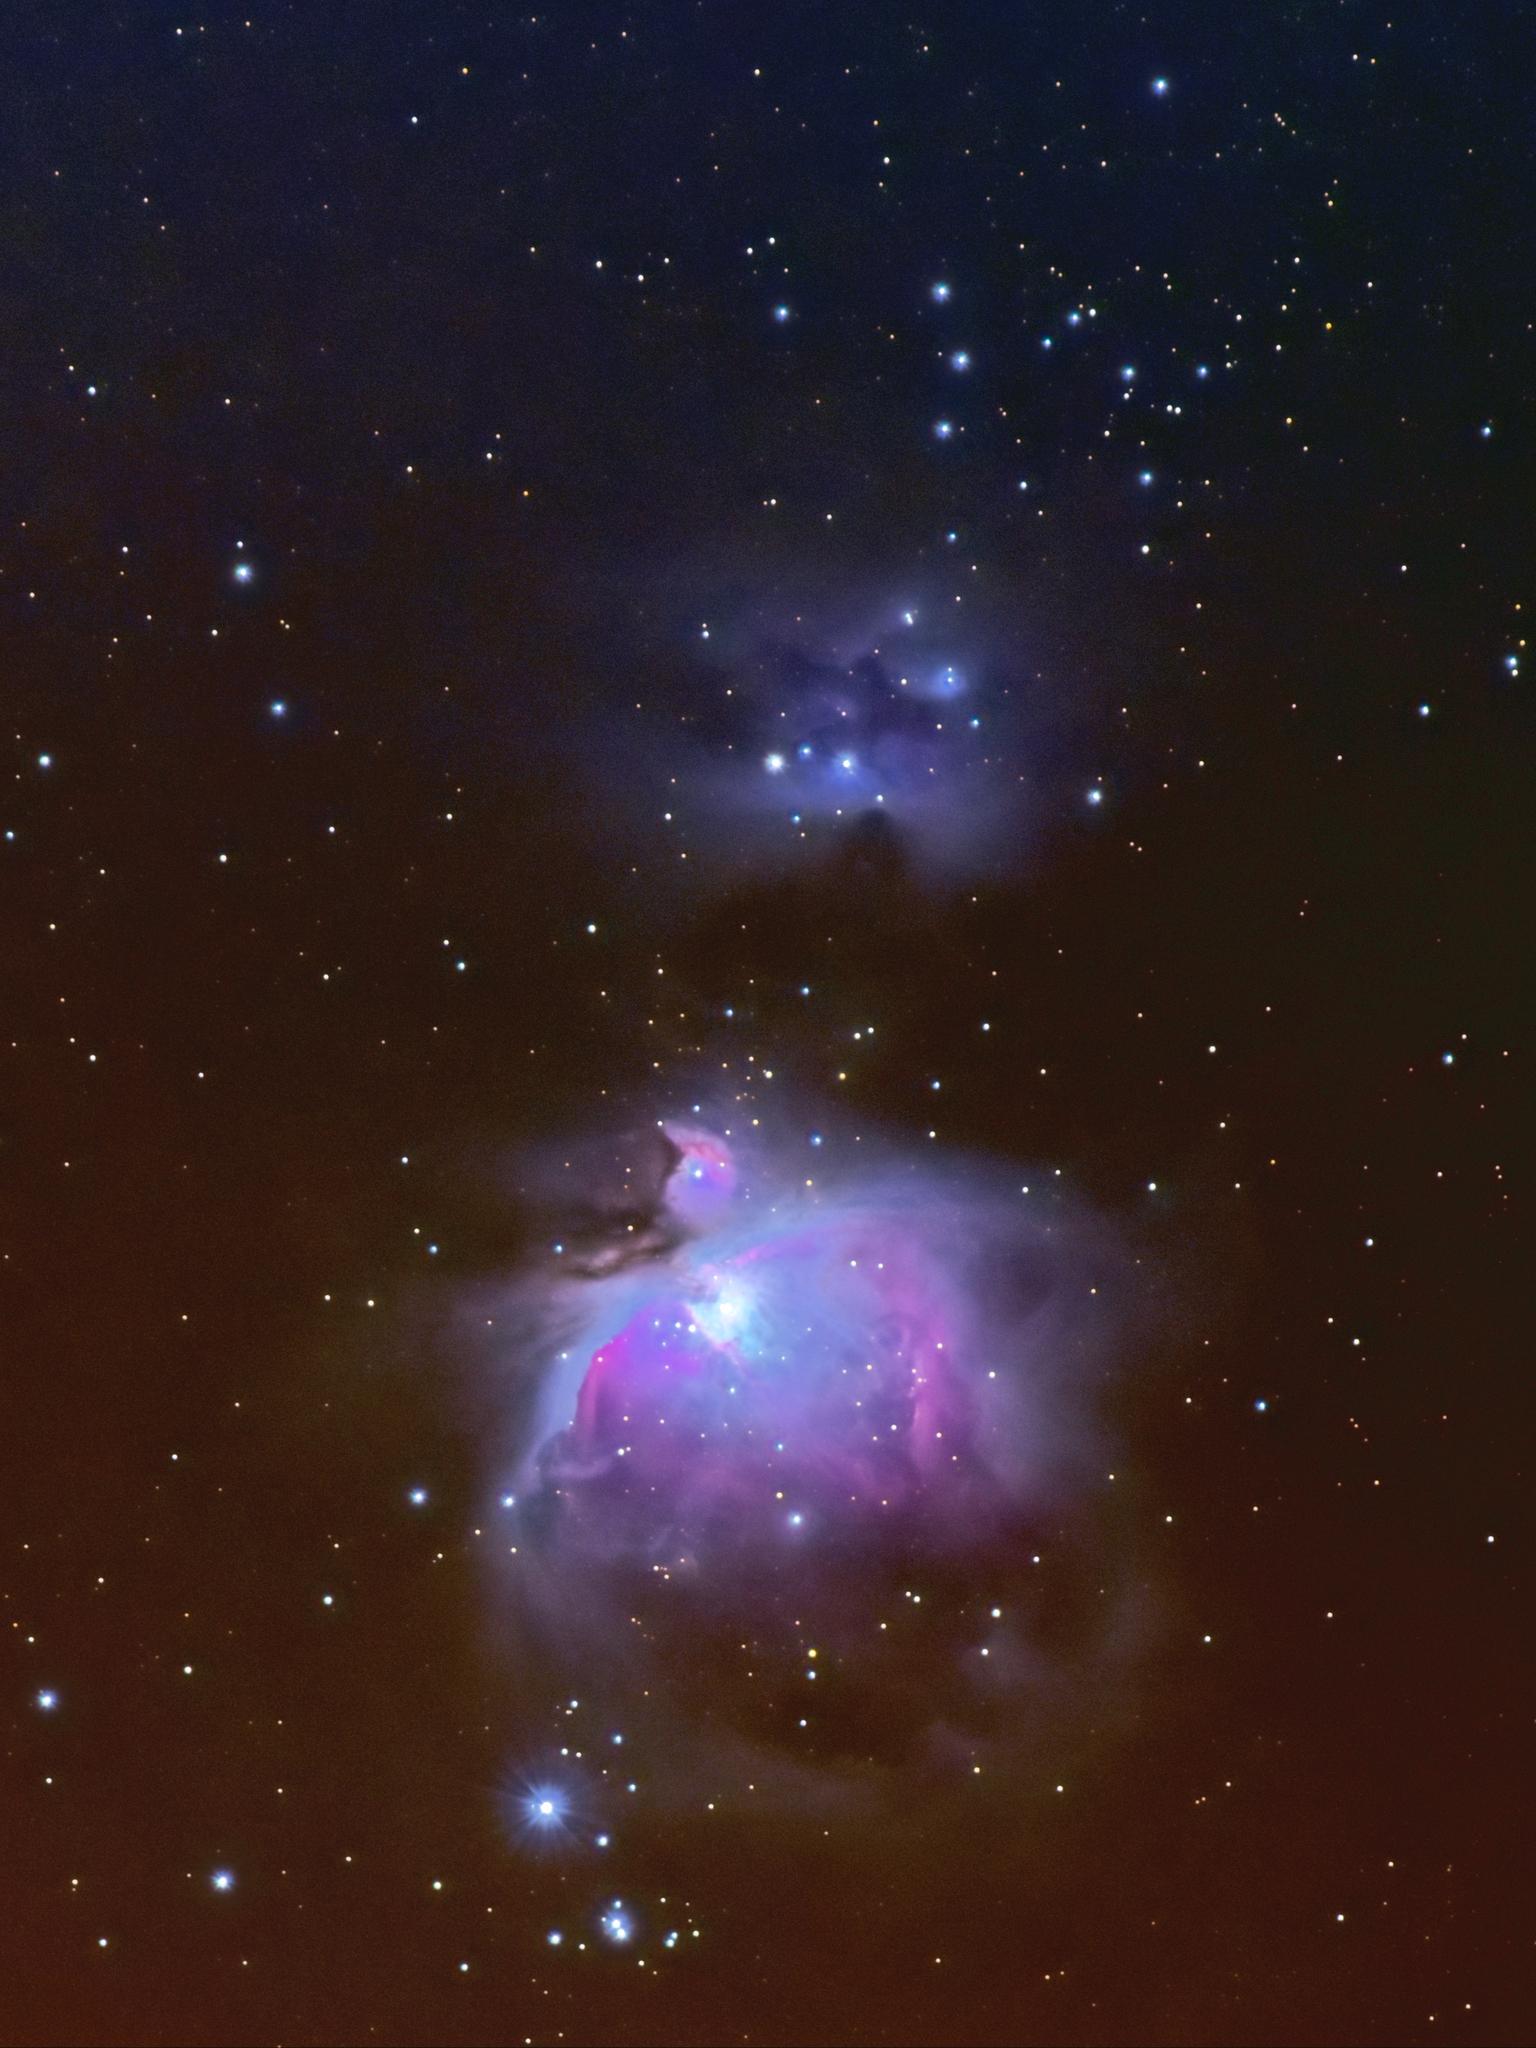 M42 Orion nevel - Opnames gemaakt op 12 februari 2021 met Nikon D7200 en Tamron 100-400 mm. Gebruikte brandpuntsafstand van 300mm en f/7.1.  De iOptron Skyguider Pro v - foto door ALEBruil op 15-04-2021 - locatie: Houten, Nederland - deze foto bevat: astrofotografie, orion nevel, m42, lucht, nevel, heelal, ster, astronomisch object, wetenschap, kunst, middernacht, astronomie, elektrisch blauw